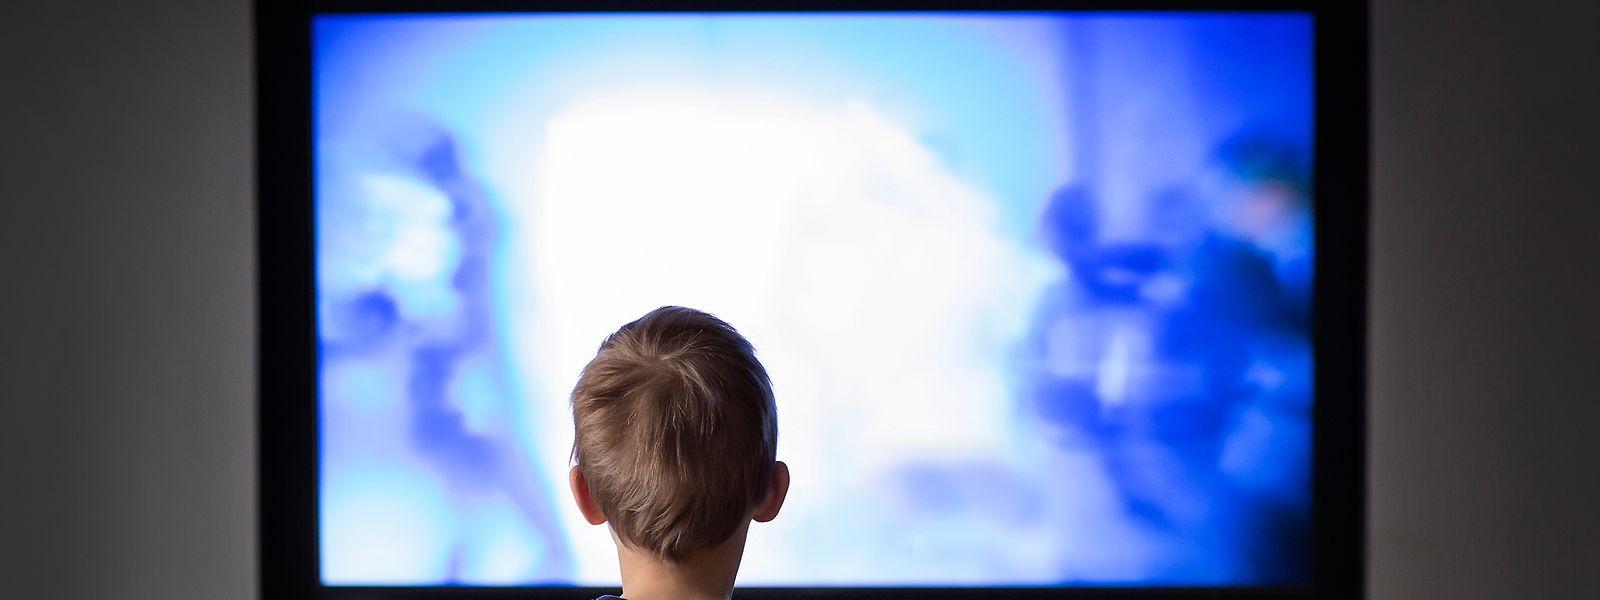 Schon im frühen Alter werden Kinder mit einer Vielzahl von Medien umgeben.